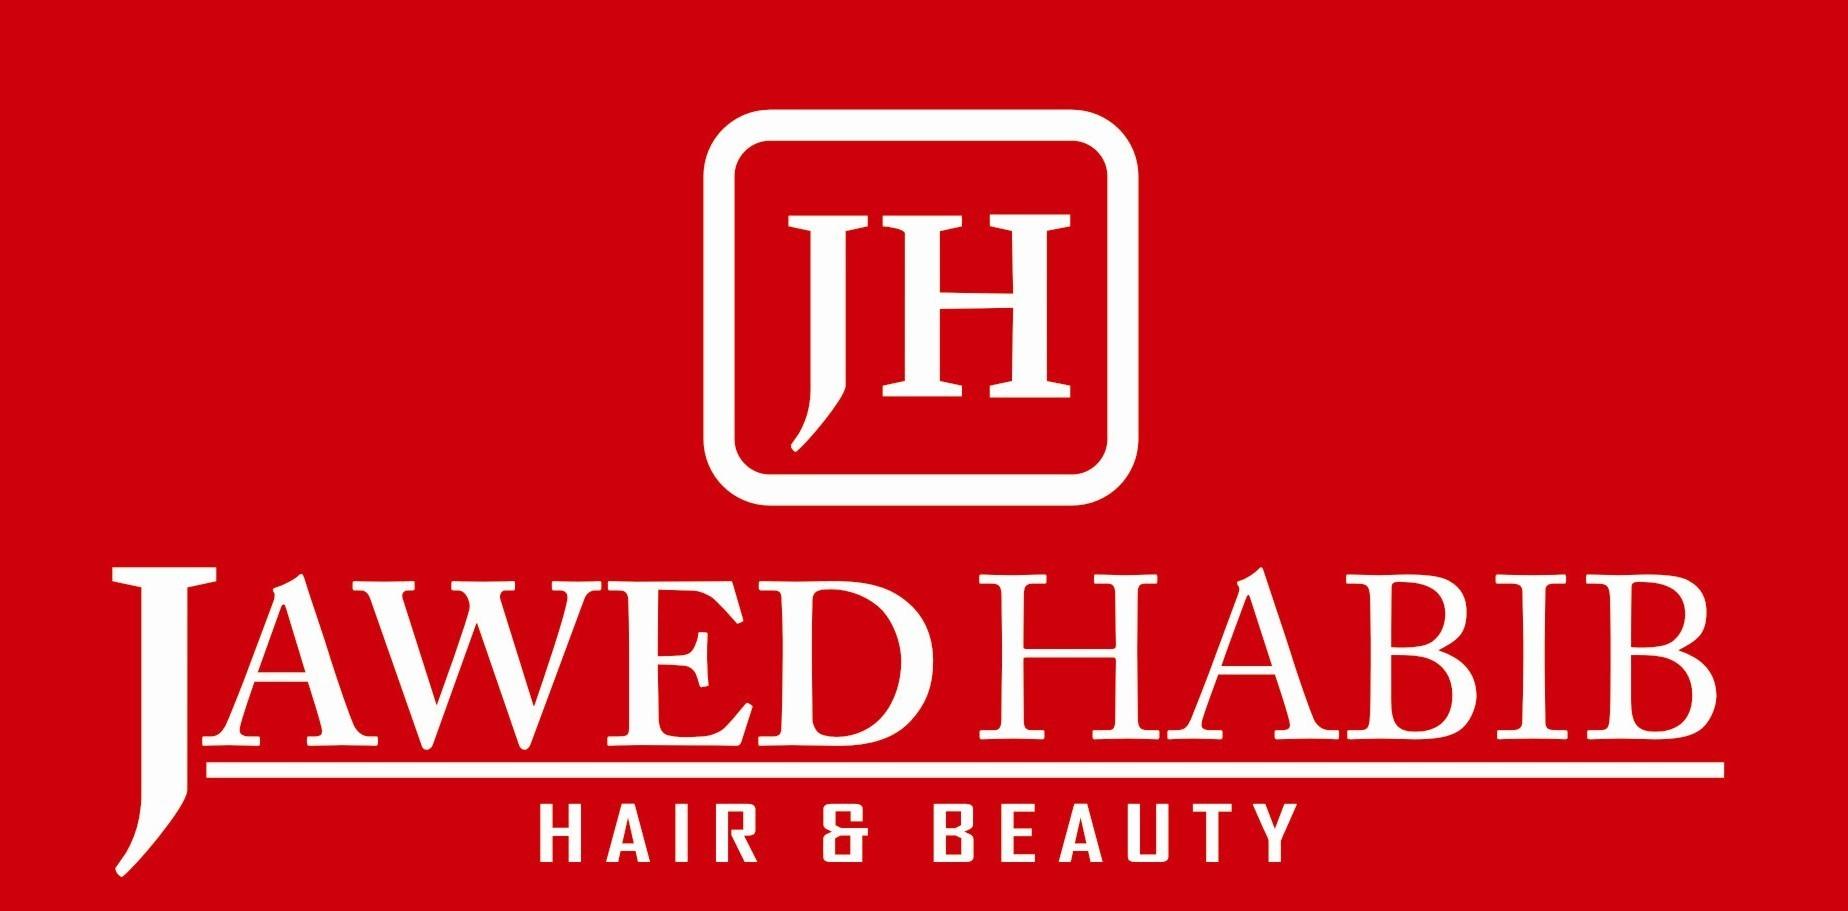 Jawed Habib Hair & Beauty Salons - Shahpur - Gorakhpur Image